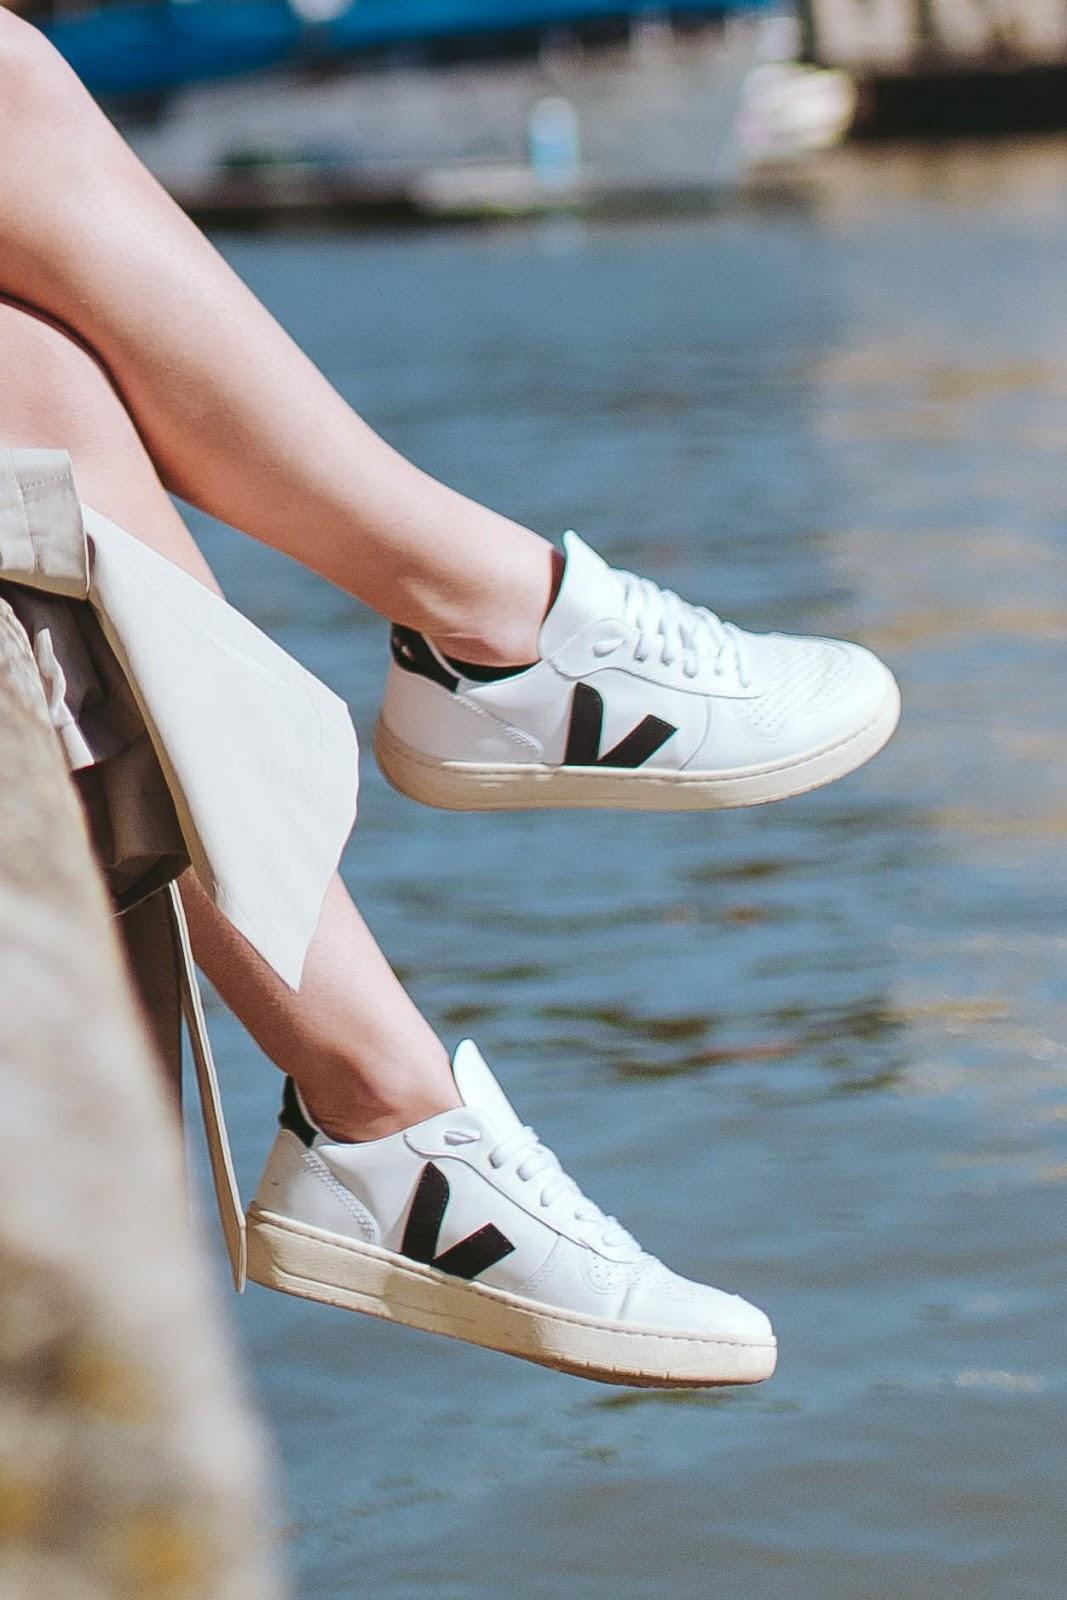 Rachel Emily wearing white Veja Esplar sneakers at Bristol Harbourside